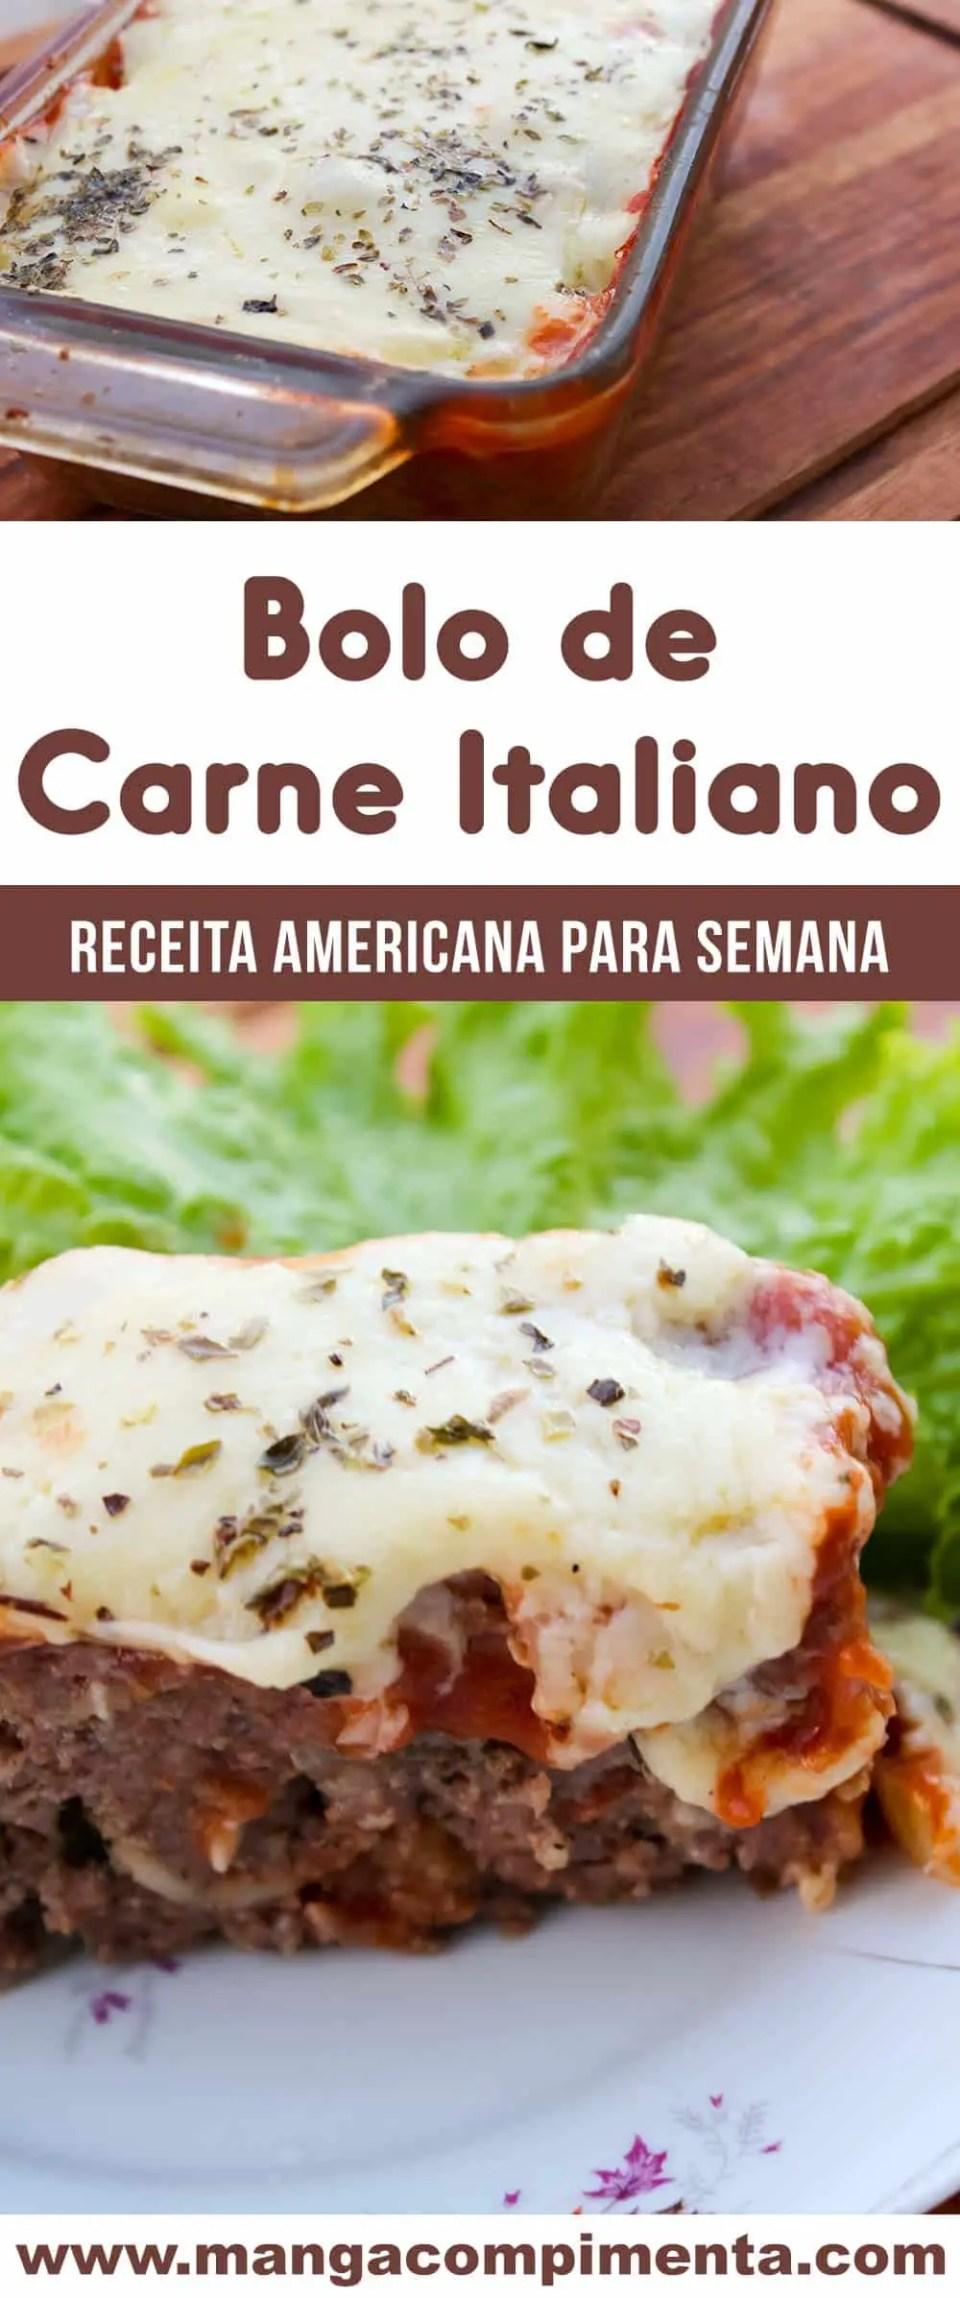 Bolo de Carne Italiano - prepare essa delícia para o almoço dessa semana!